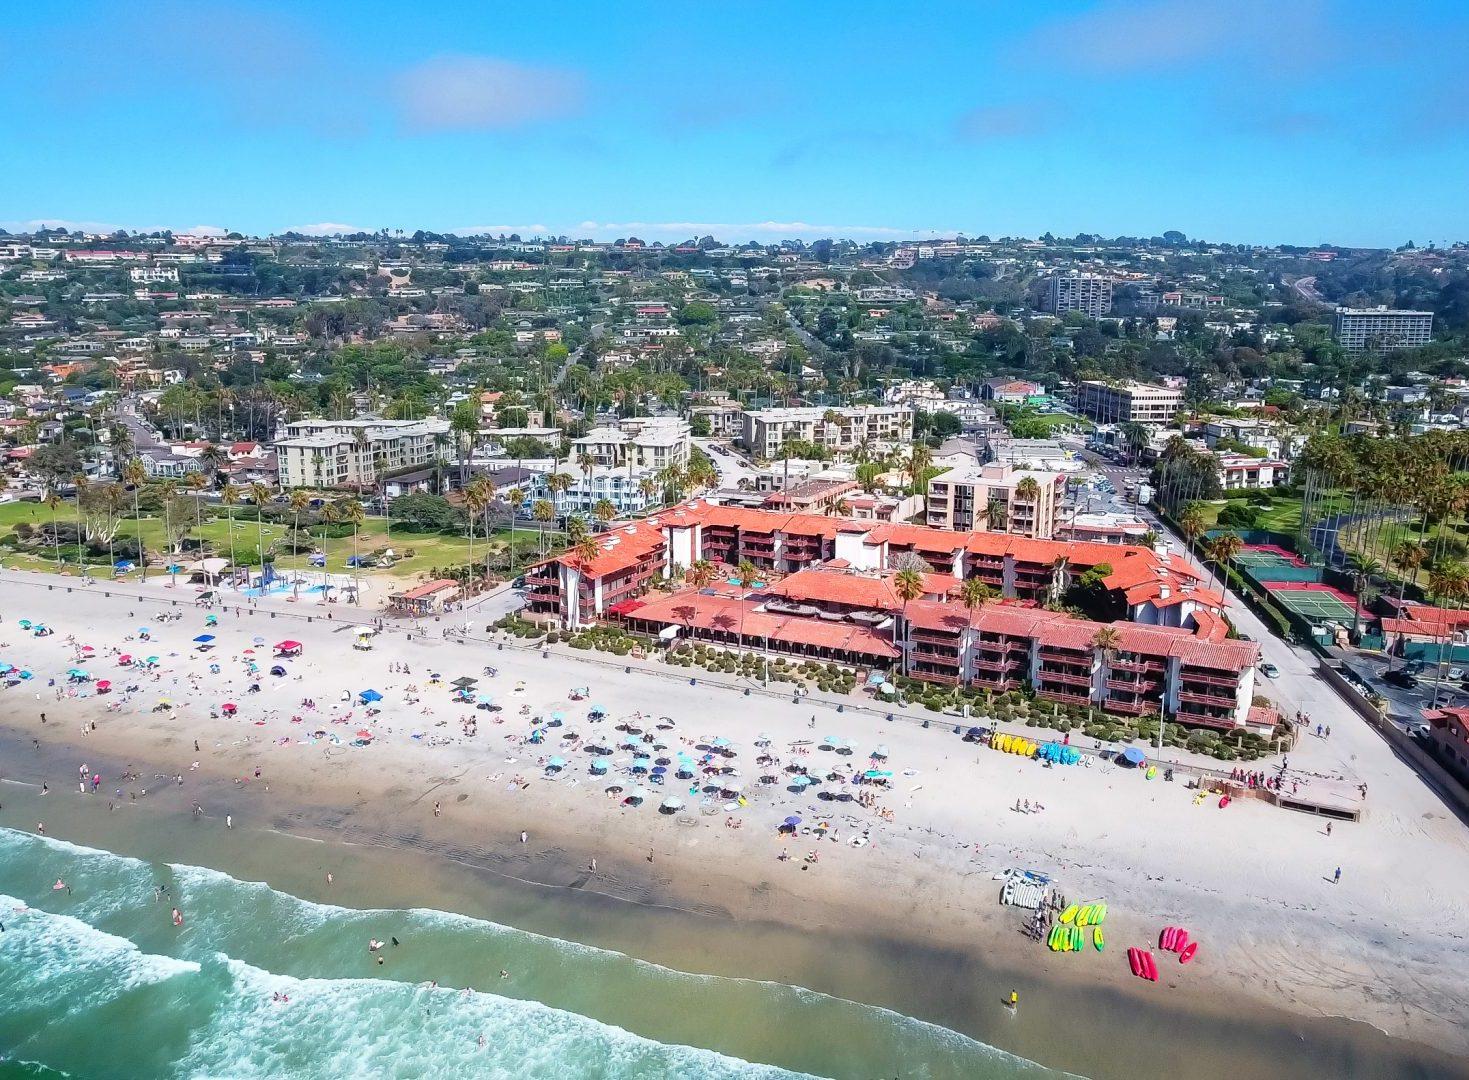 aerial view of La Jolla Shores Hotel